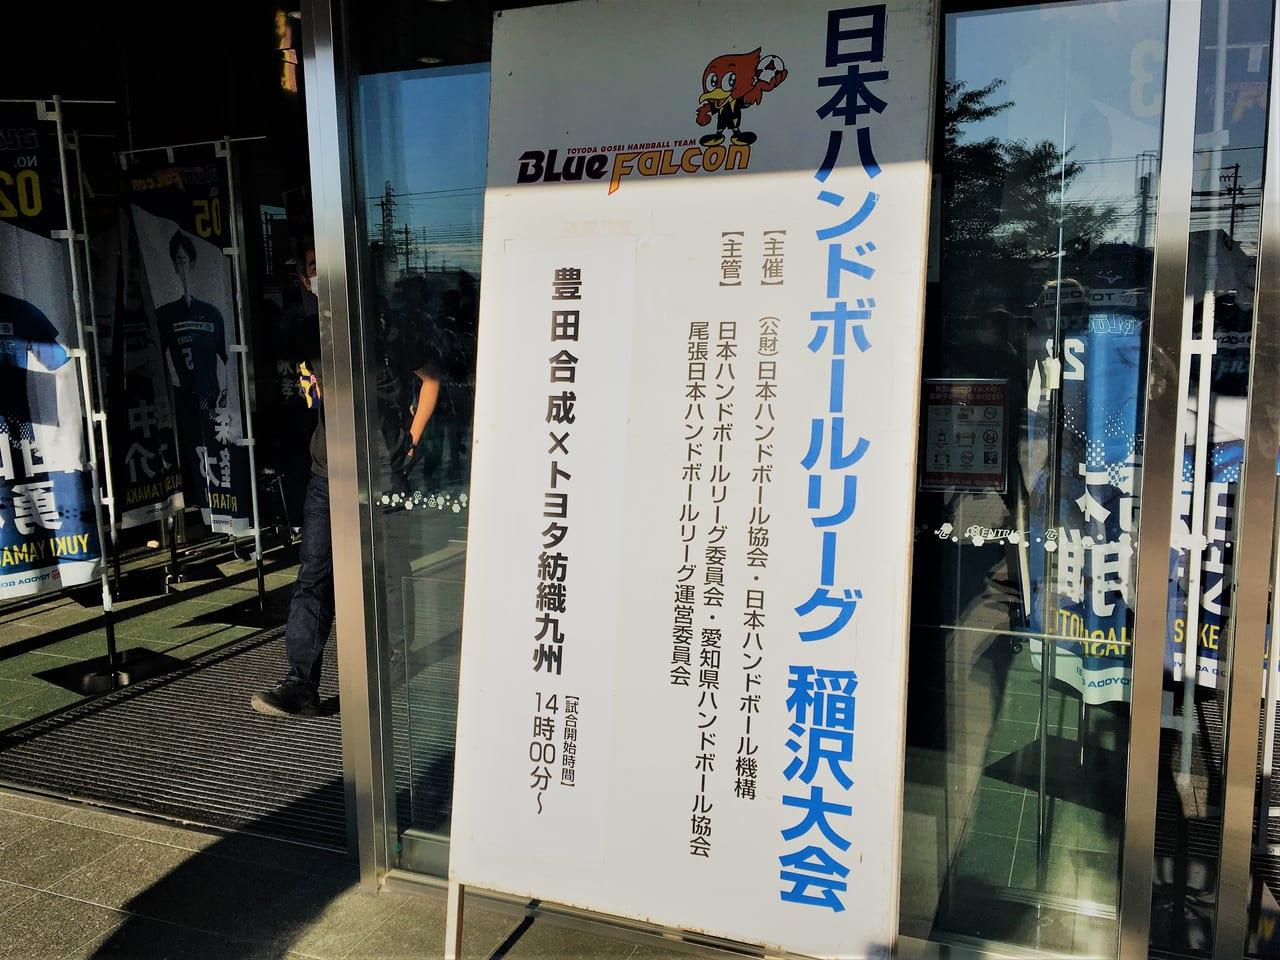 豊田合成記念体育館エントリオの前にあった豊田合成ブルーファルコン試合の看板